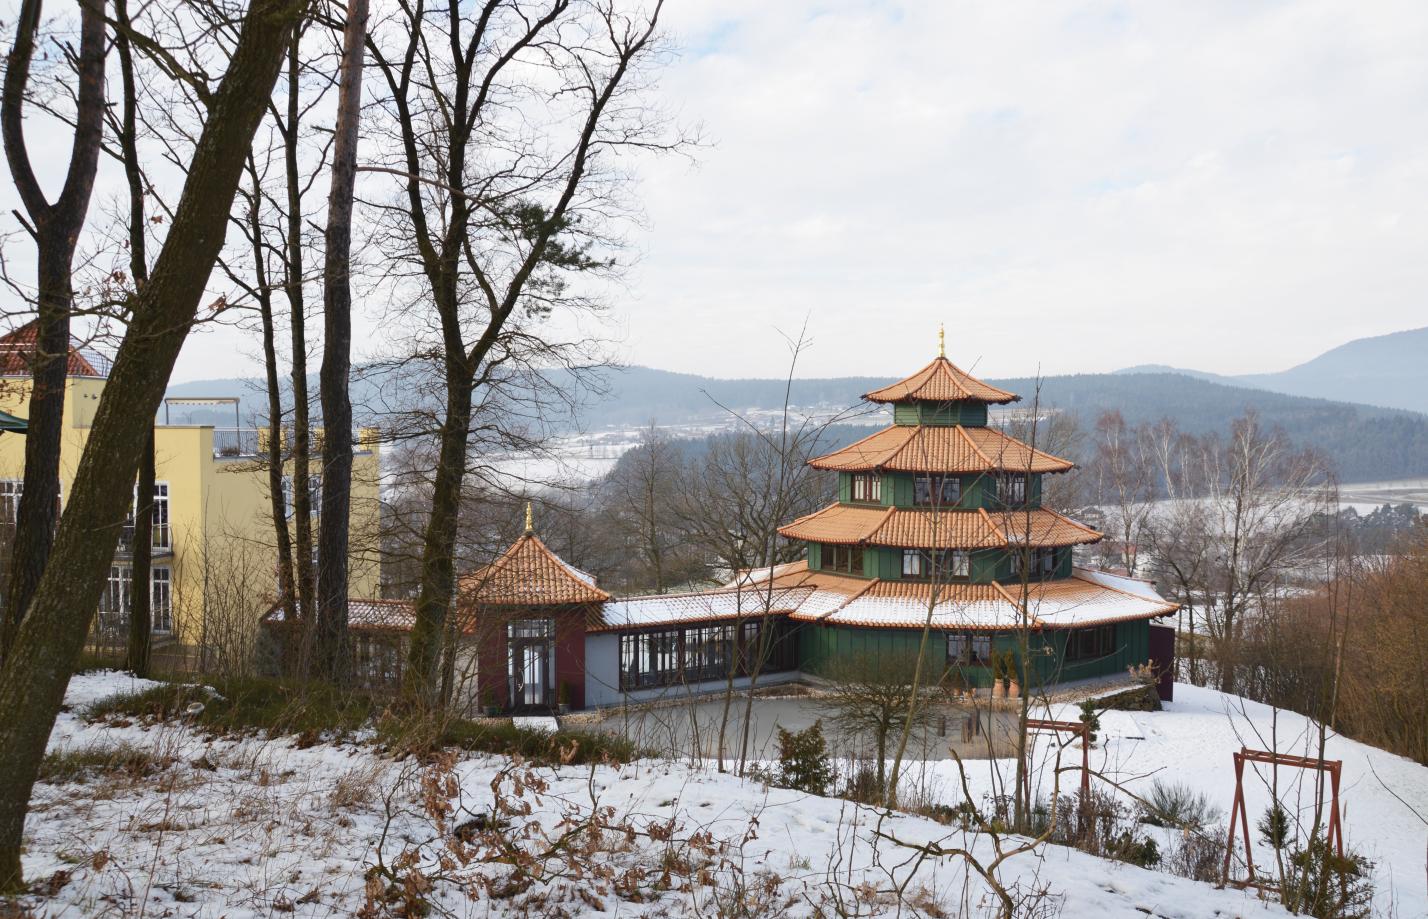 Der Birkenhof mit Schönheitstempel im Bayerischen Wald im Winter